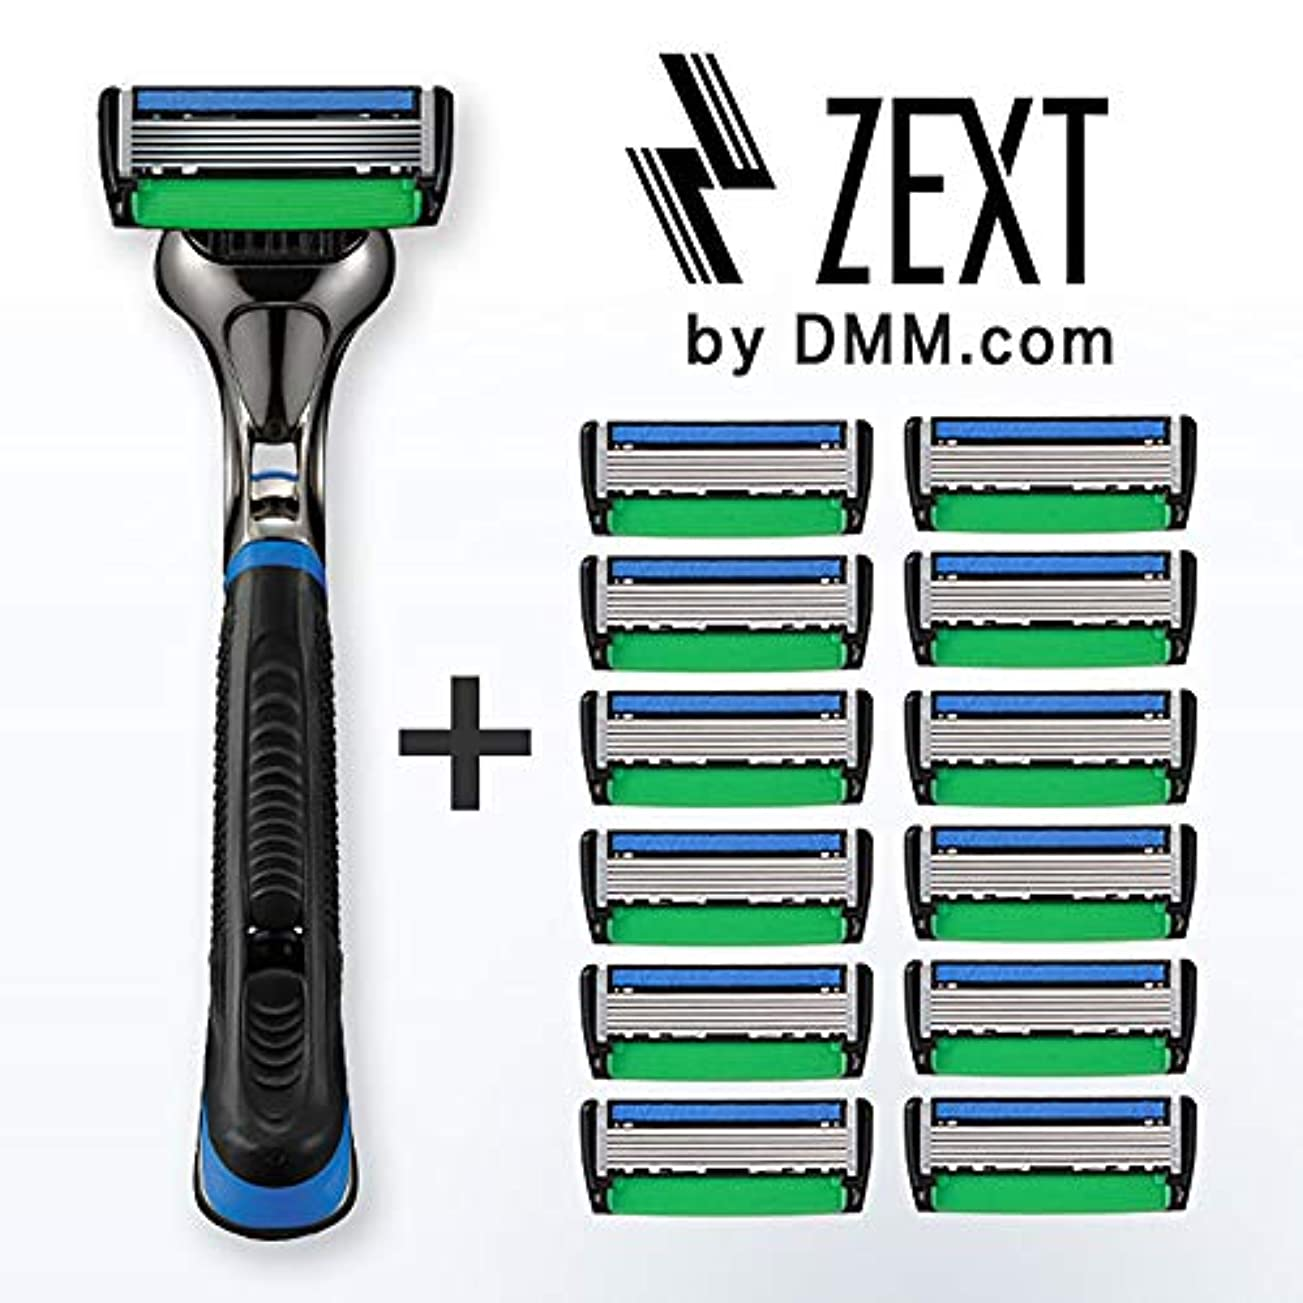 順応性本部意味ZEXT 6枚刃カミソリ 替刃13個 ホルダー付きセット